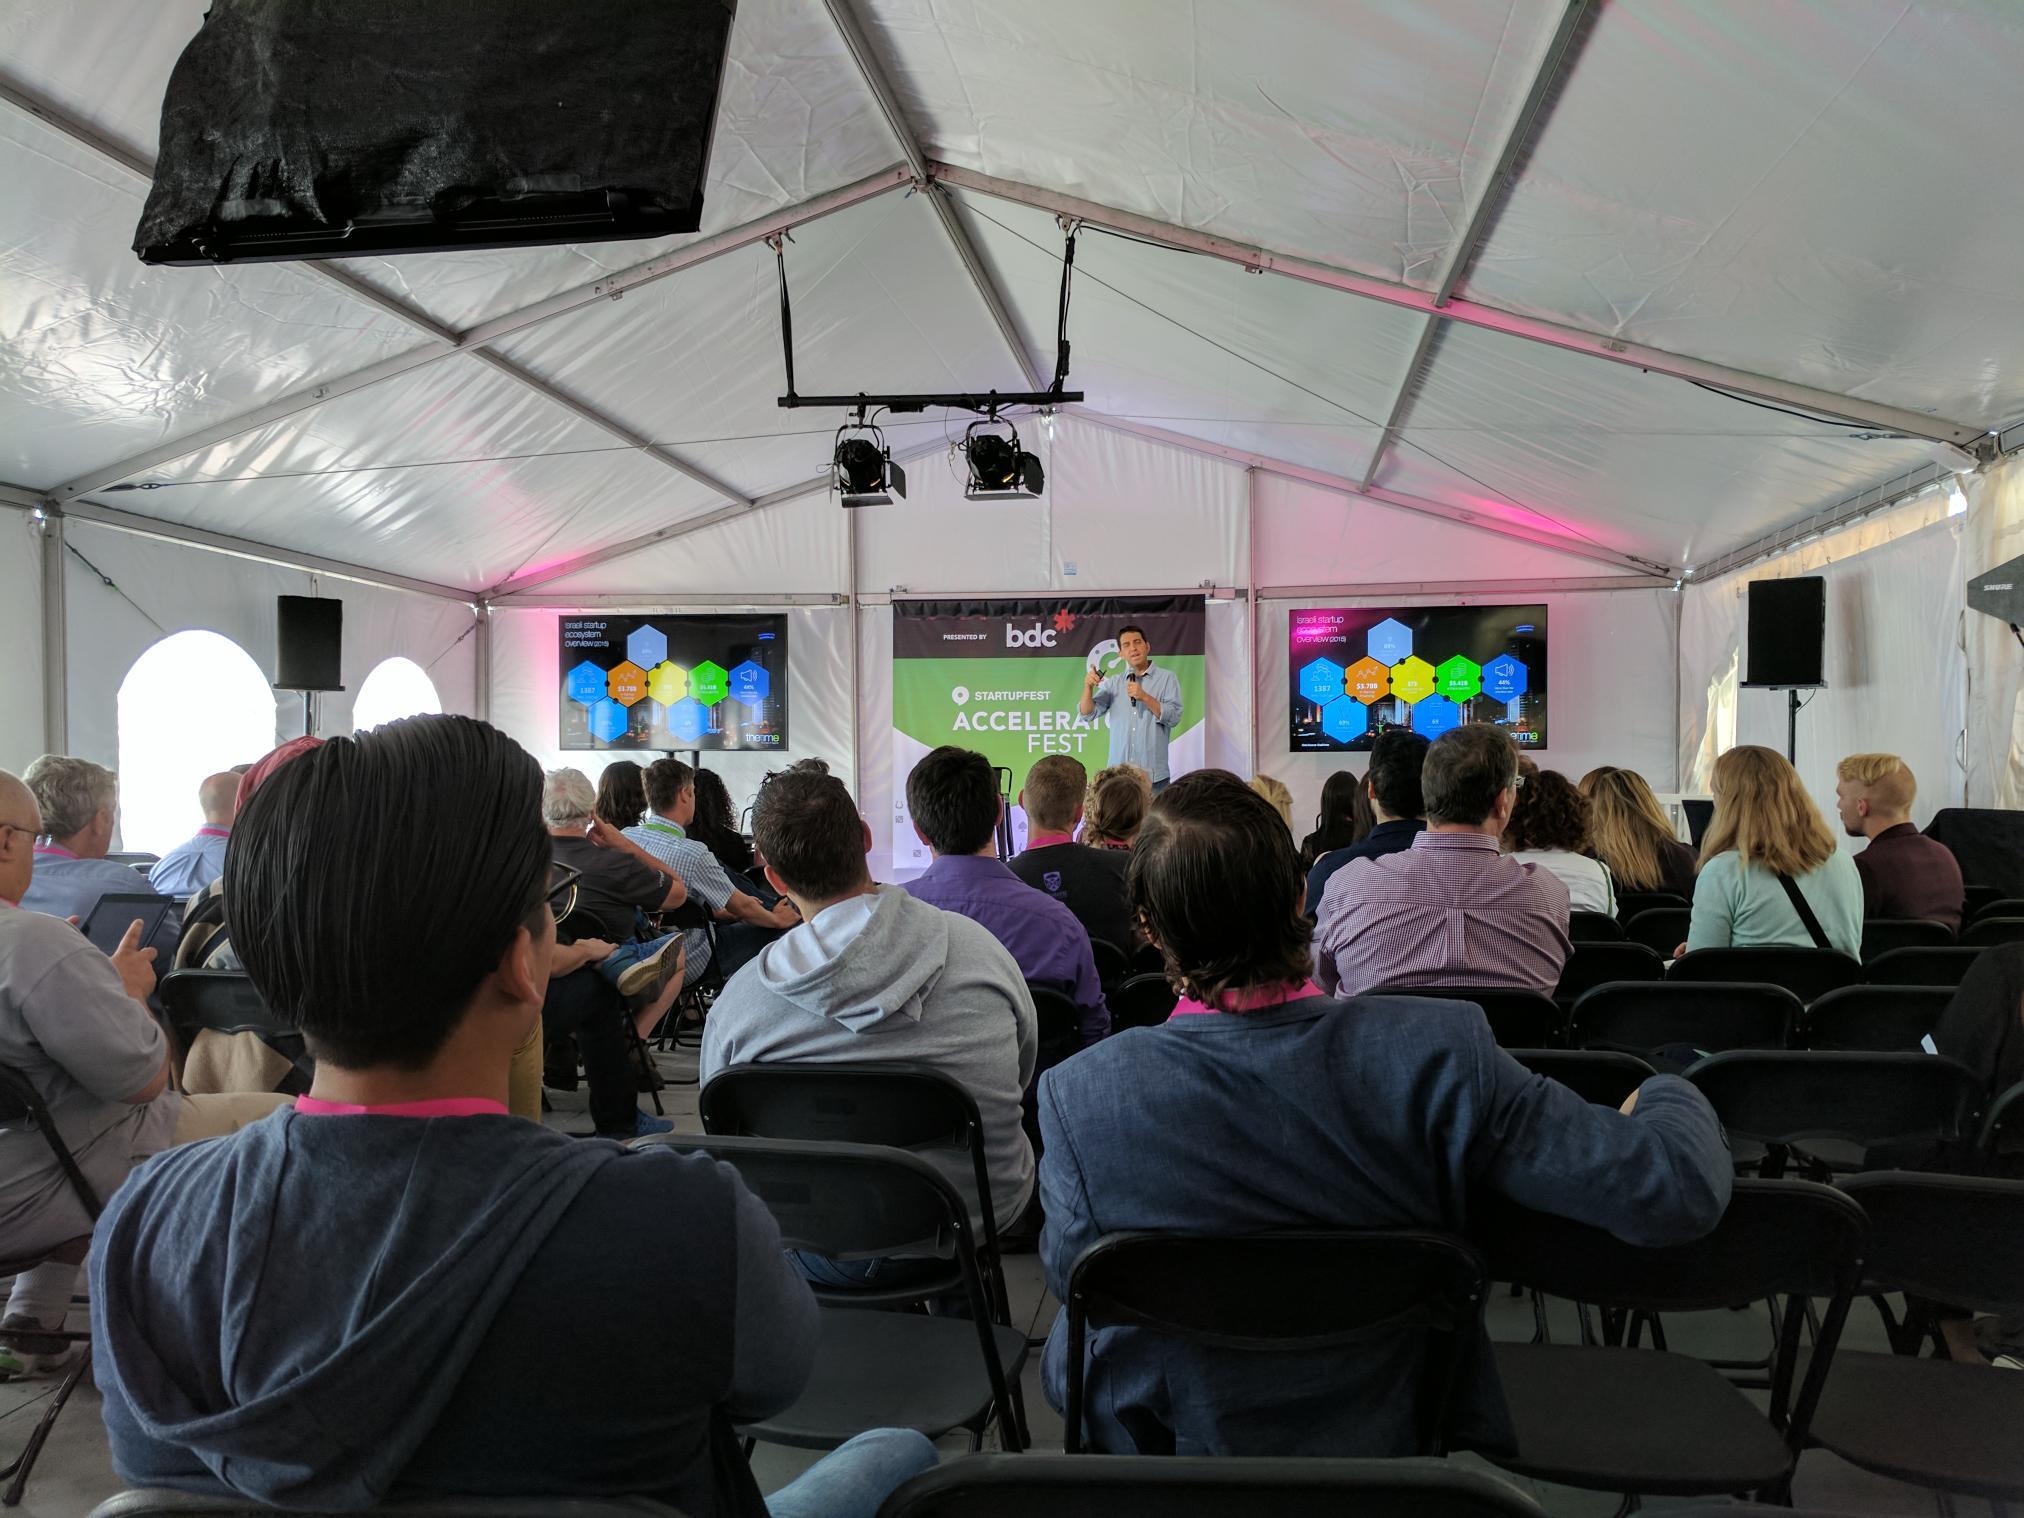 Startup festIMG_20170712_110402.jpg